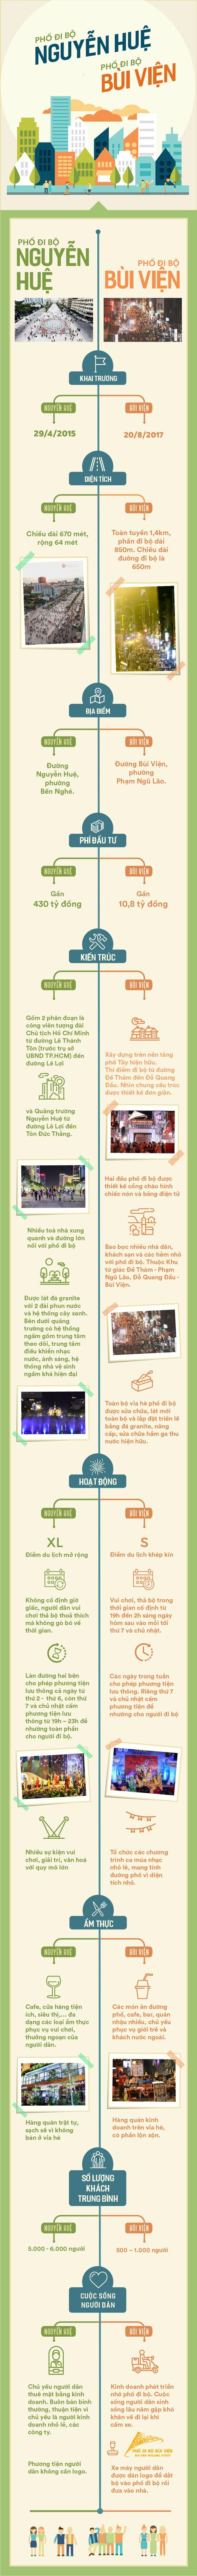 Infographic: Những điểm khác biệt giữa phố đi bộ Nguyễn Huệ và Bùi Viện - Ảnh 1.